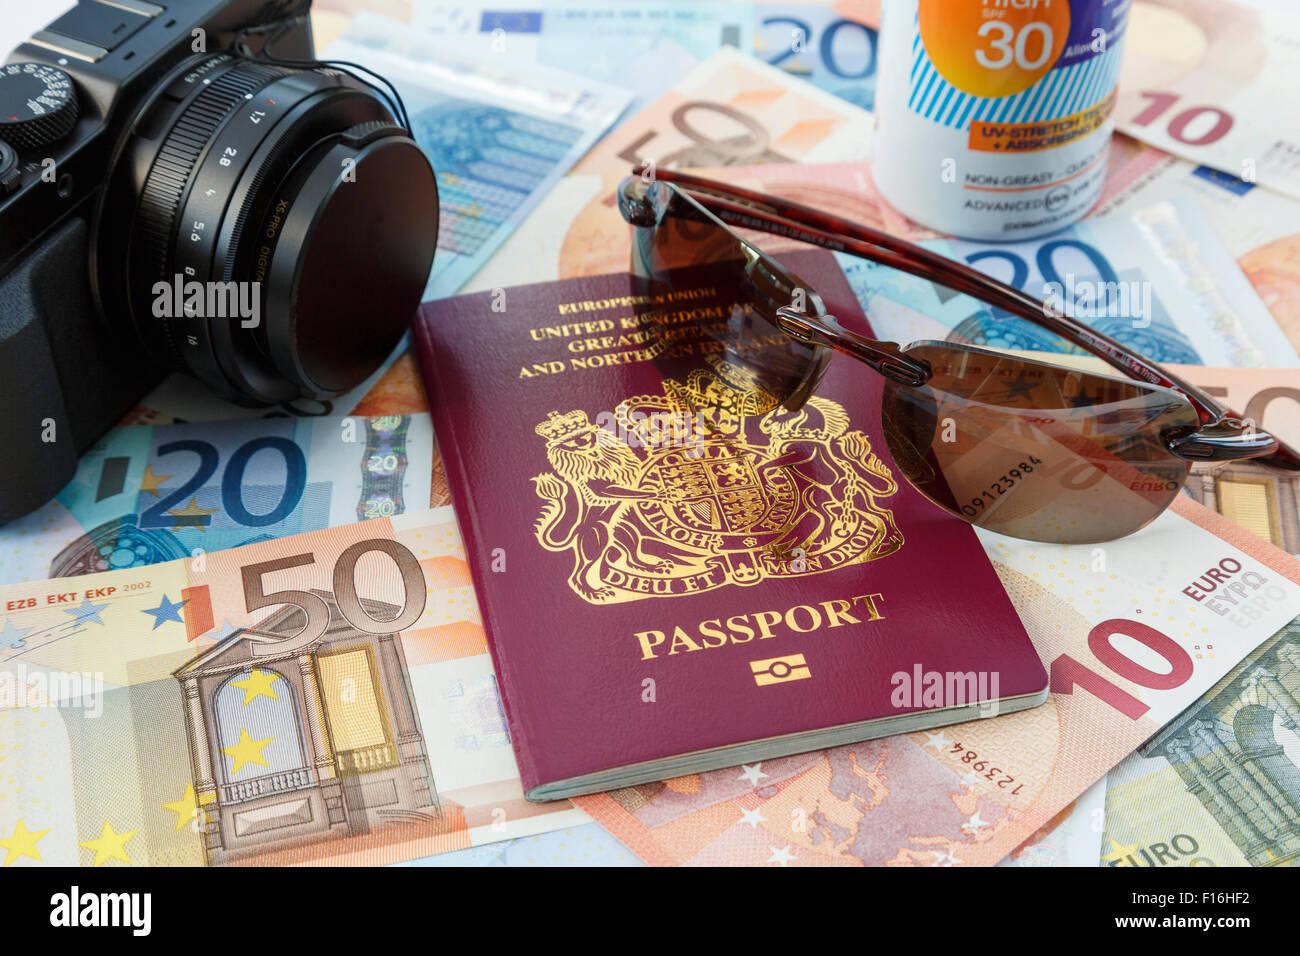 Les choses pour les voyages à l'étranger avec un bureau de passeport et de l'appareil photo de Photo Stock